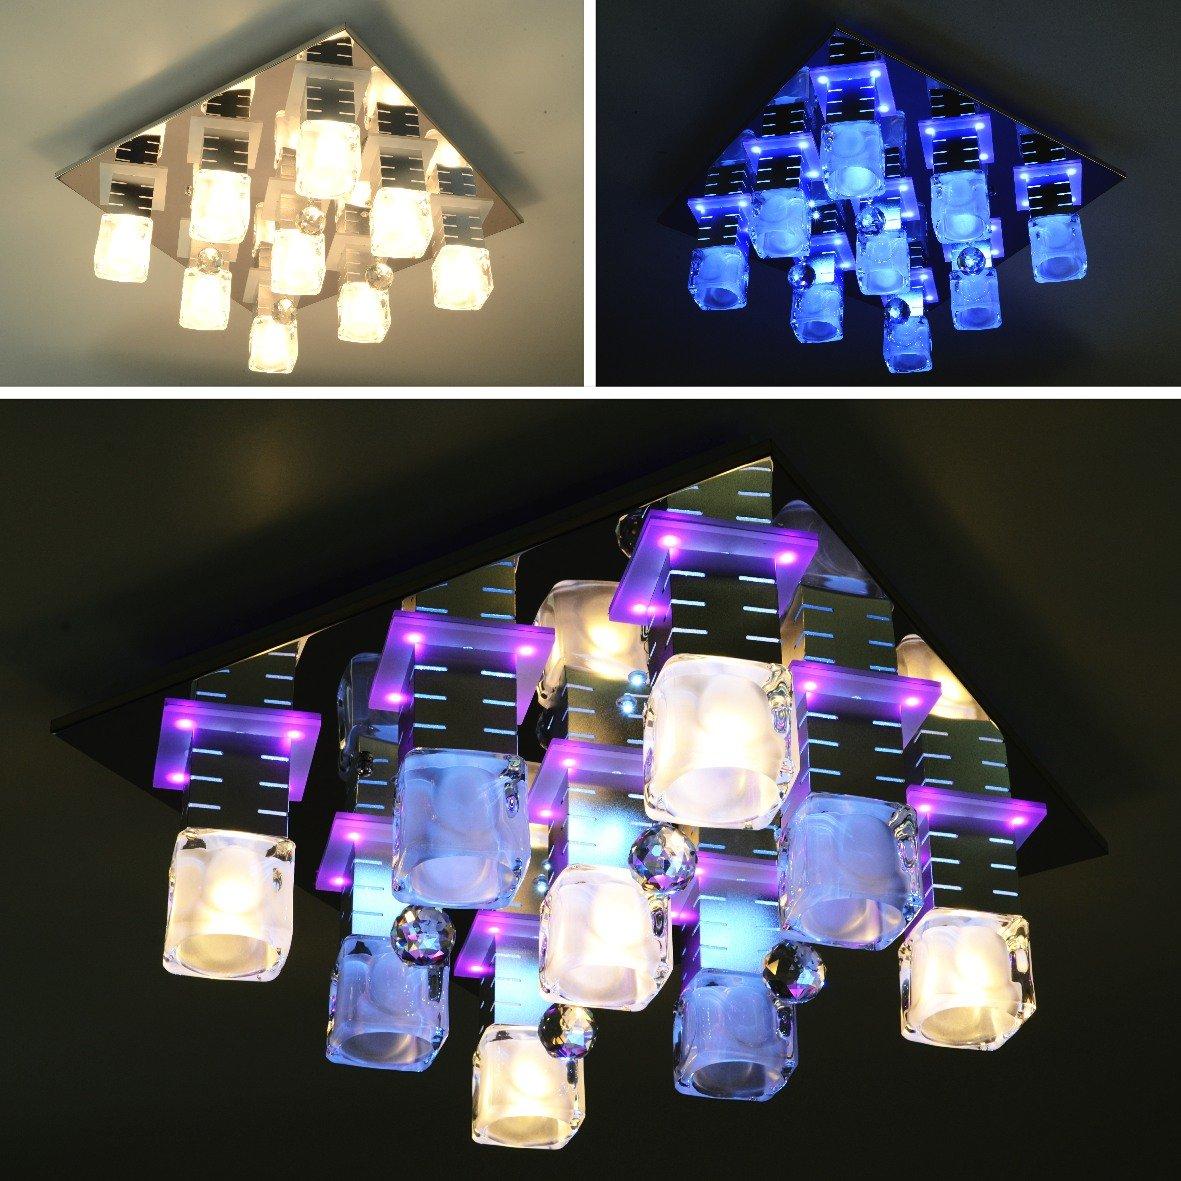 LED Deckenleuchte Deckenlampe Lampe Leuchte Deckenbeleuchtung Wohnzimmer ELLA 9FL